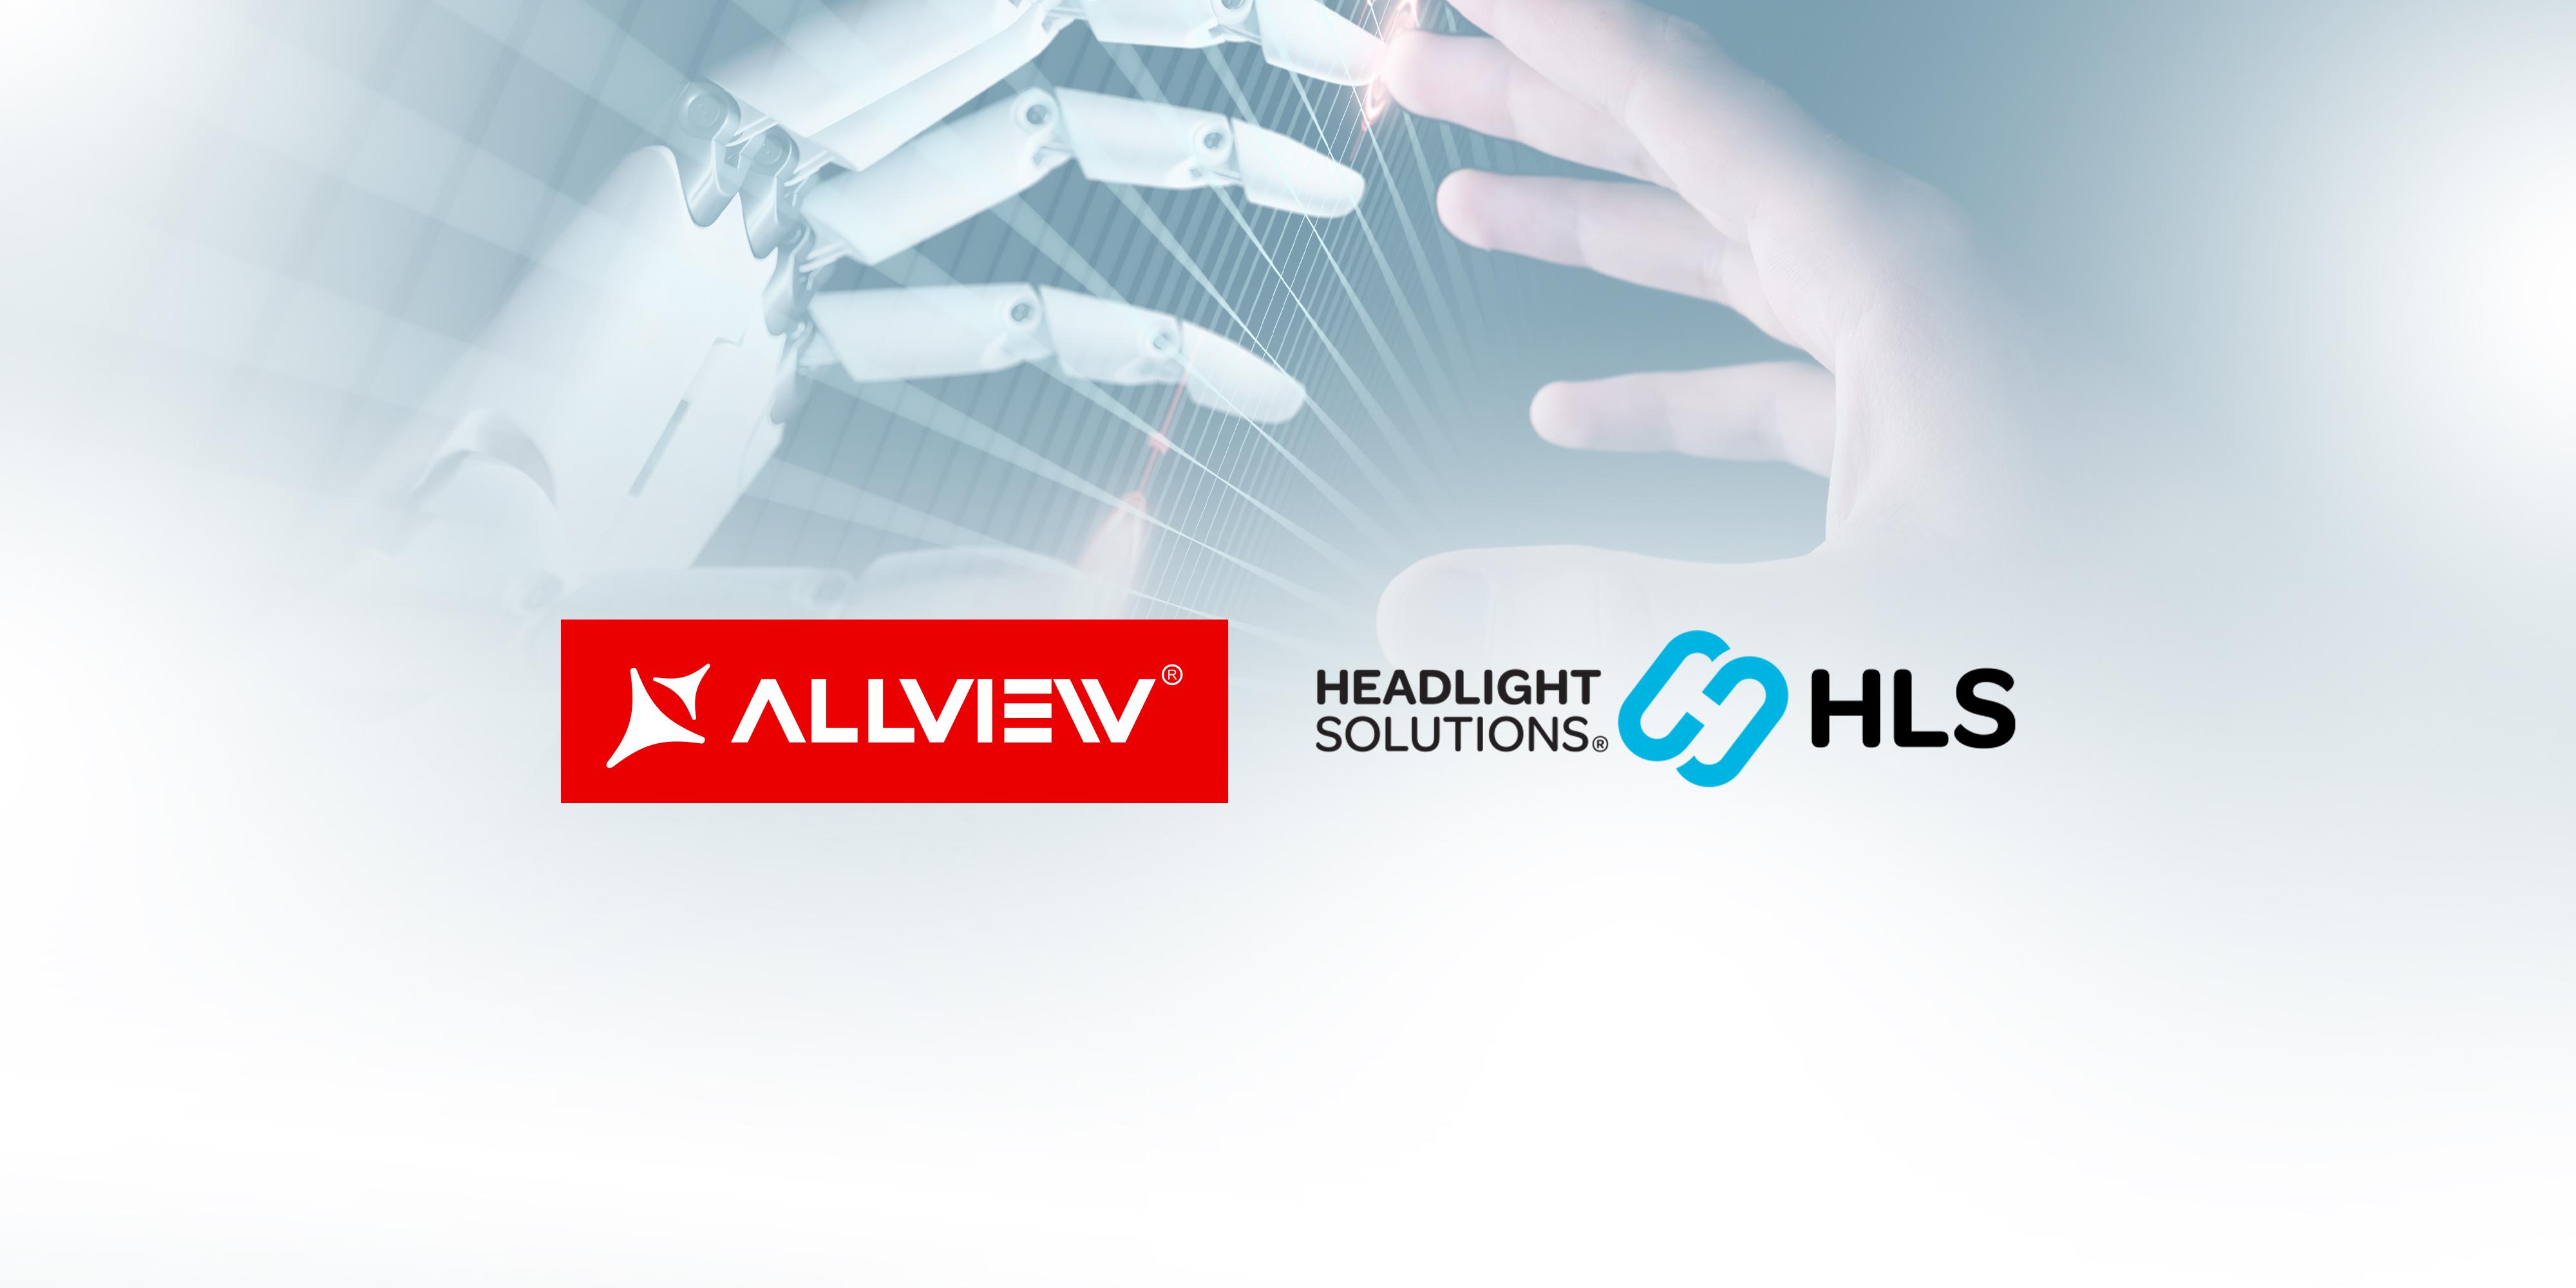 Visual Fan devine asociat al Headlight Solutions, dezvoltator de soluţii software şi hardware